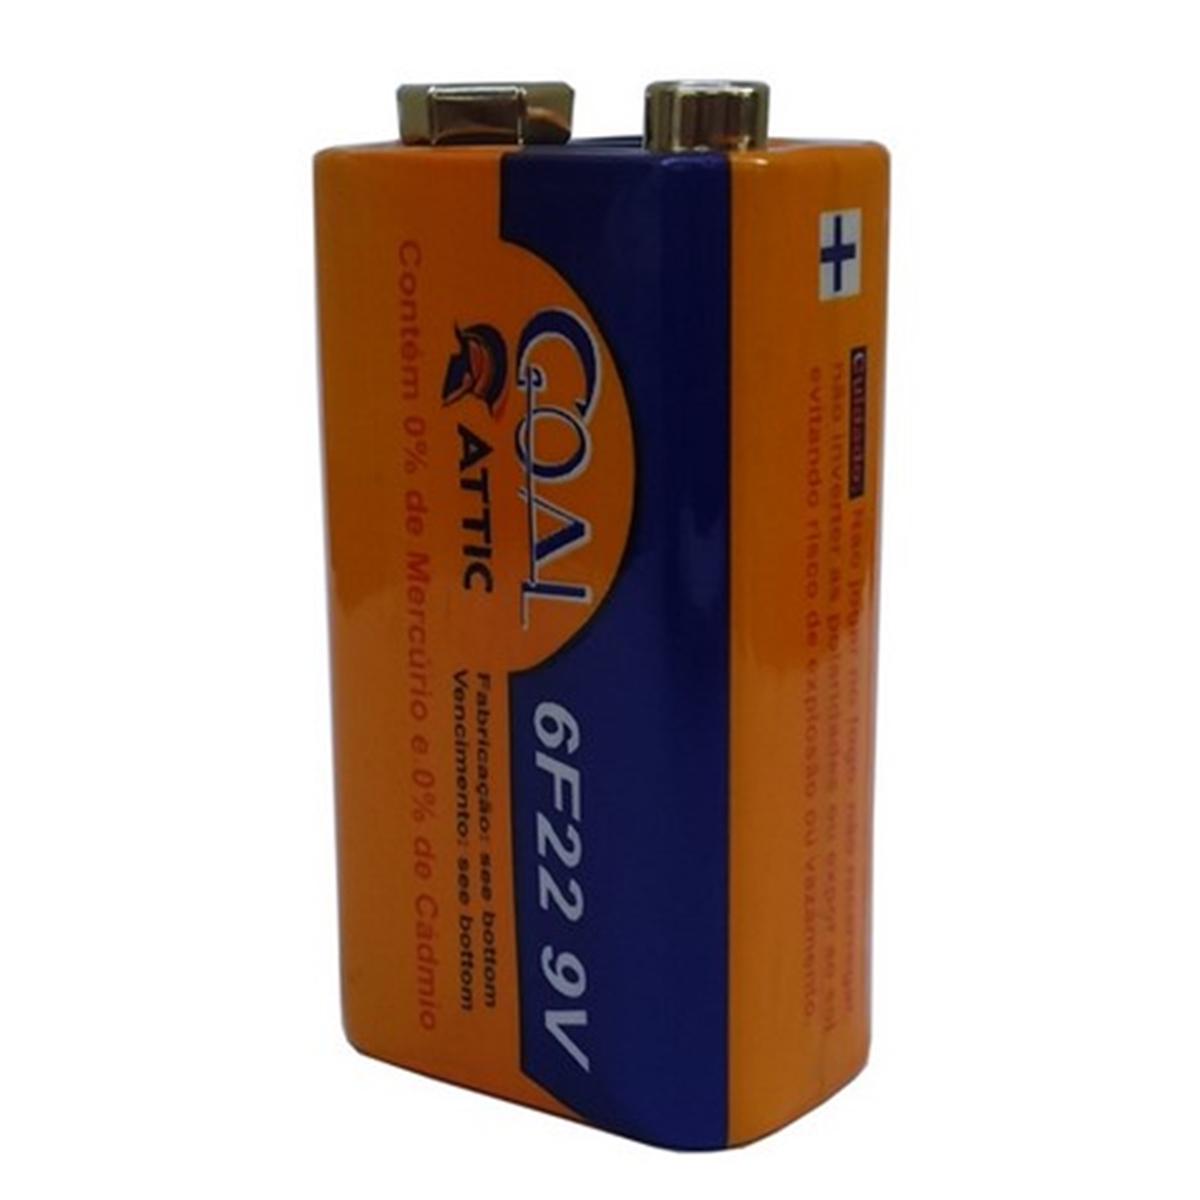 Bateria 9V 10 UNIDADES Multimetro Controle Lanterna Brinquedos Pilha Goal Attic 10 UNIDADES - GL-9V